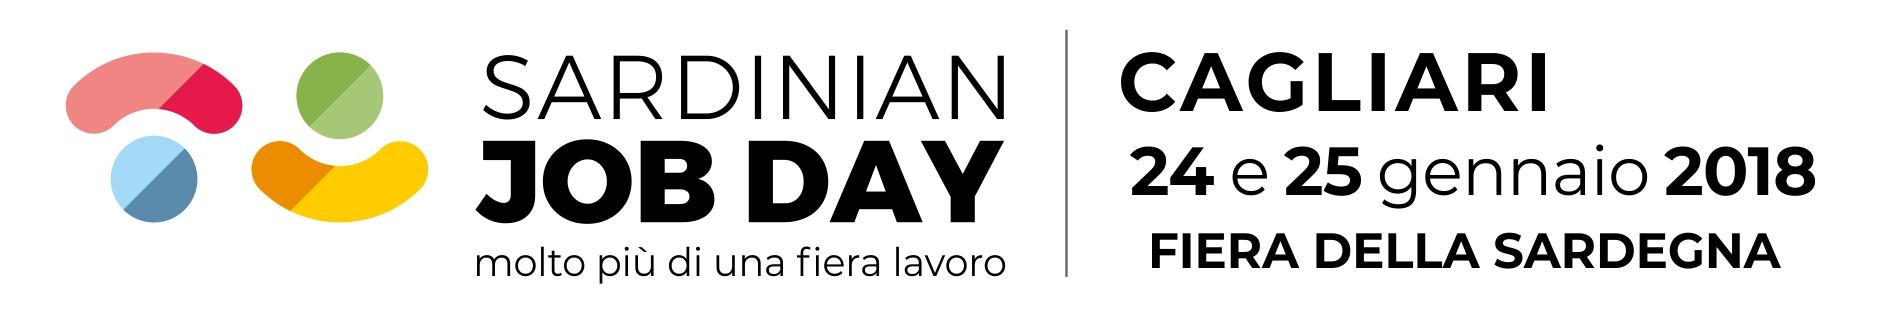 Sardinian Job Day 2018